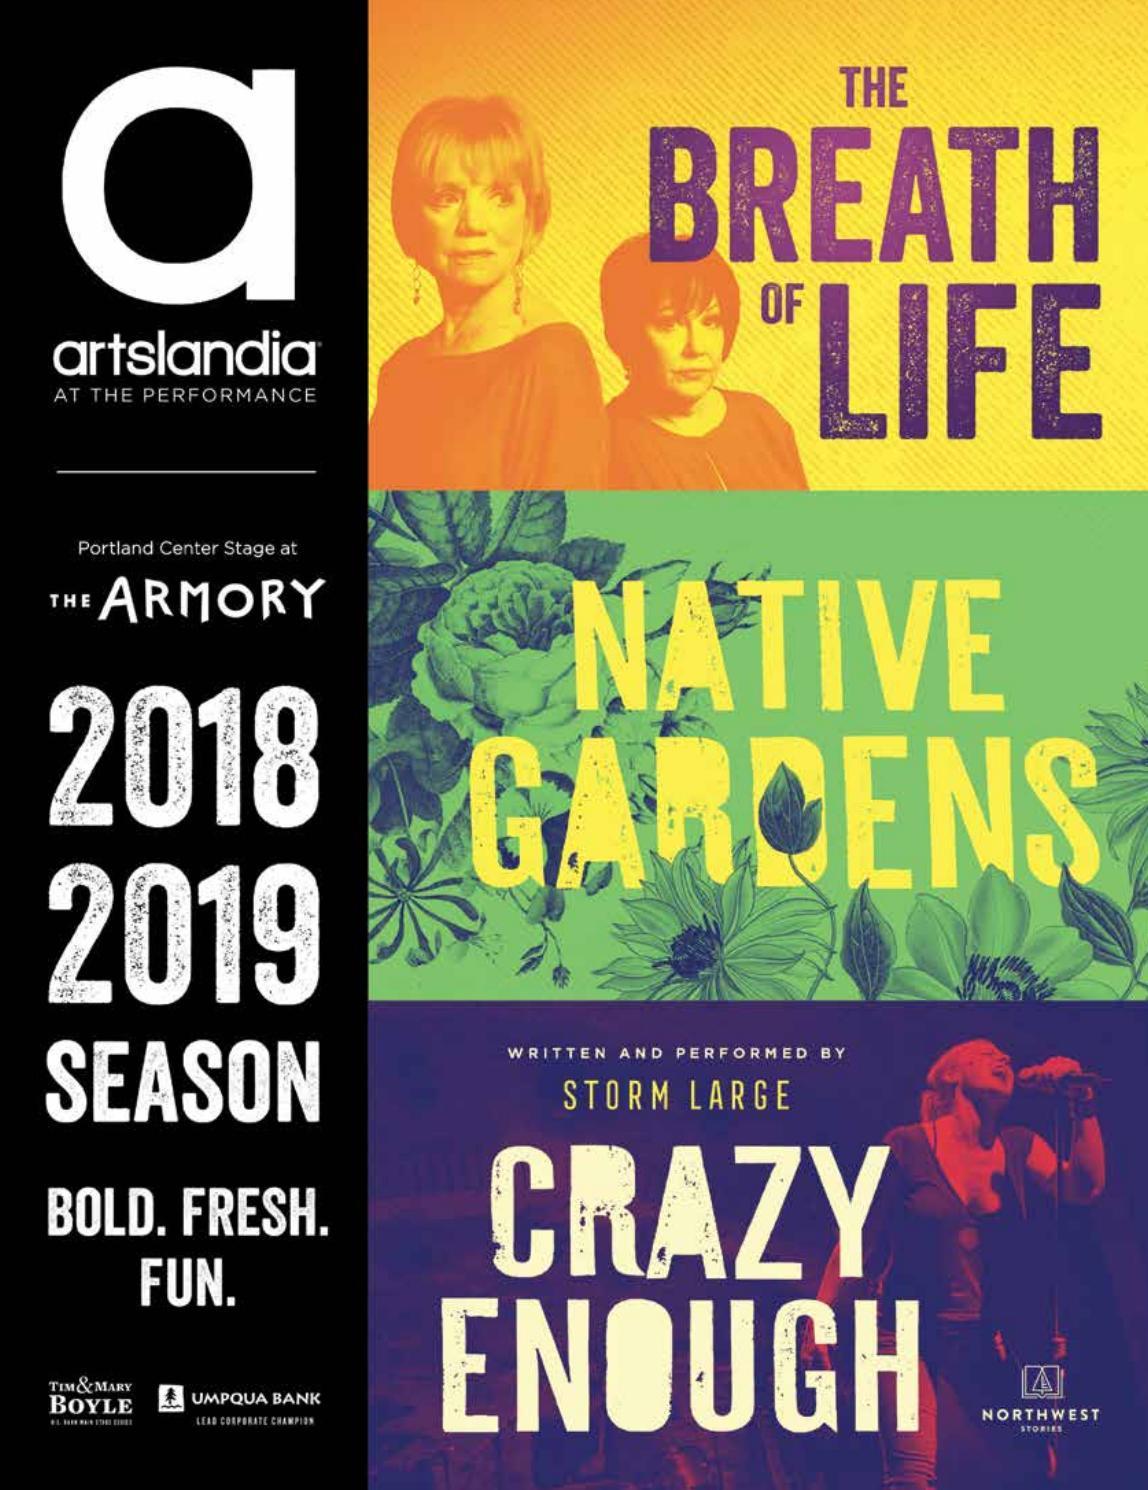 The Breath of Life / Native Gardens / Crazy Enough - Portland Center